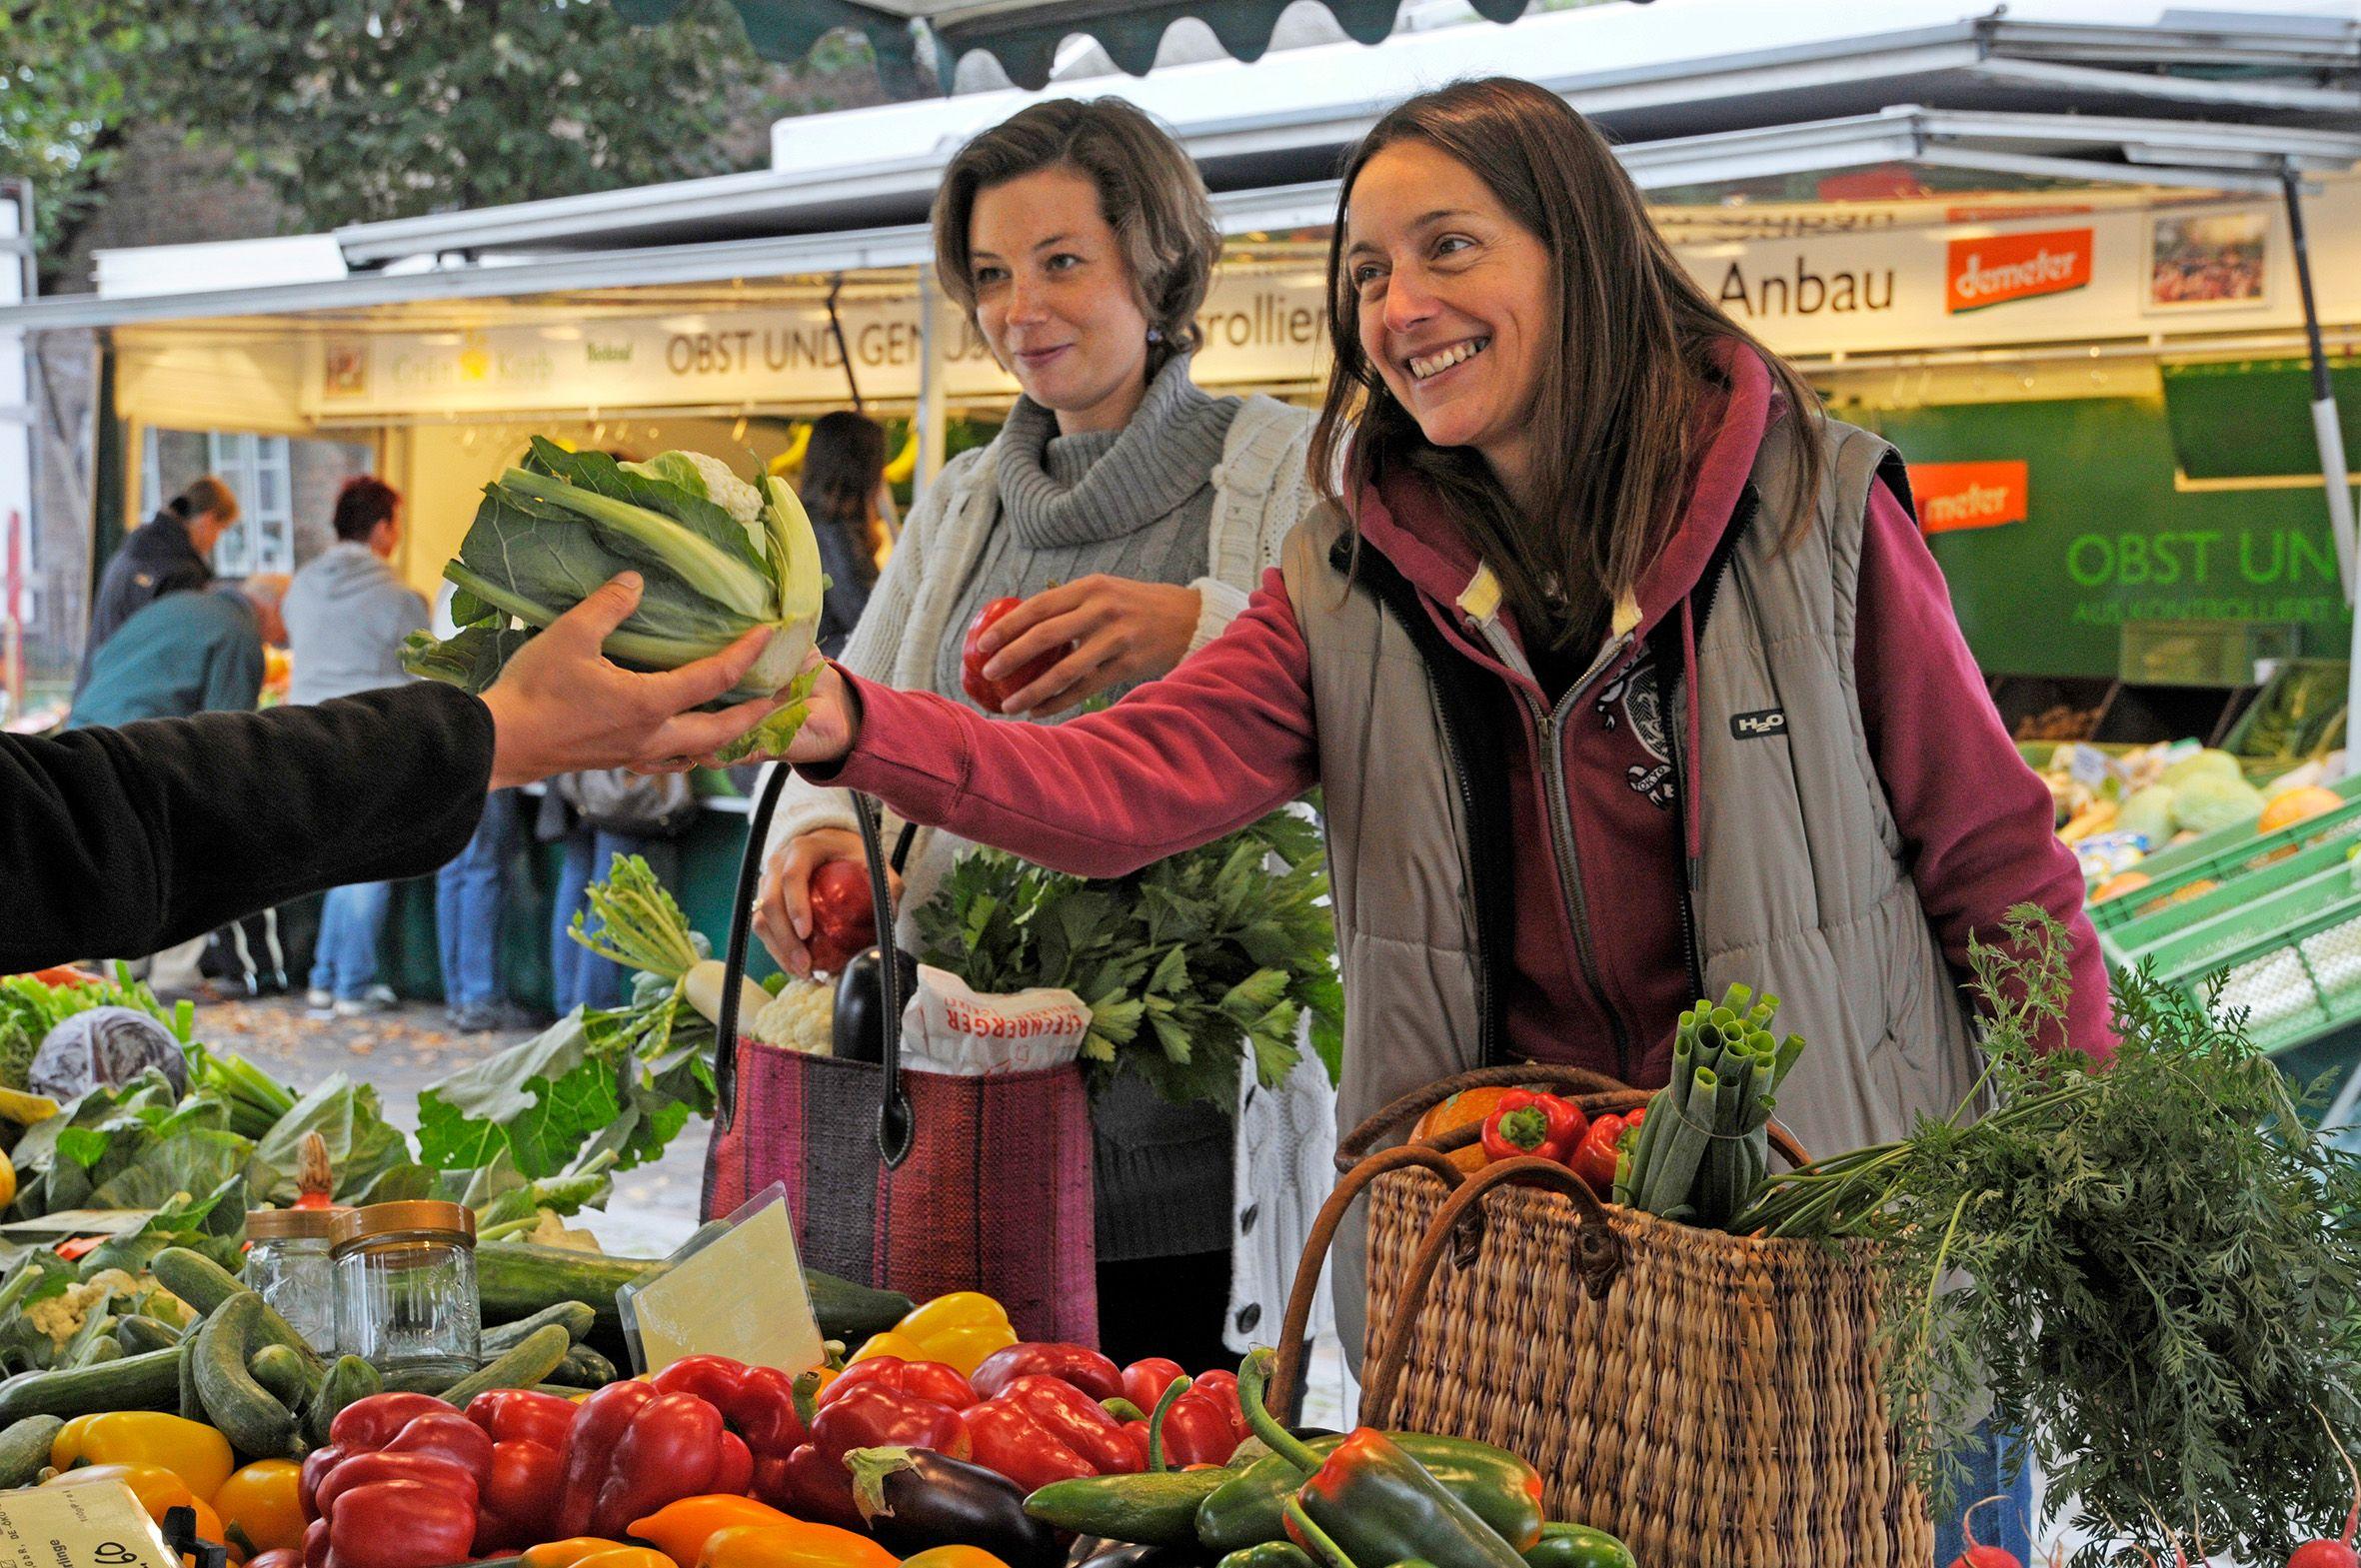 Frisch und gesund auf dem Wochenmarkt einkaufen